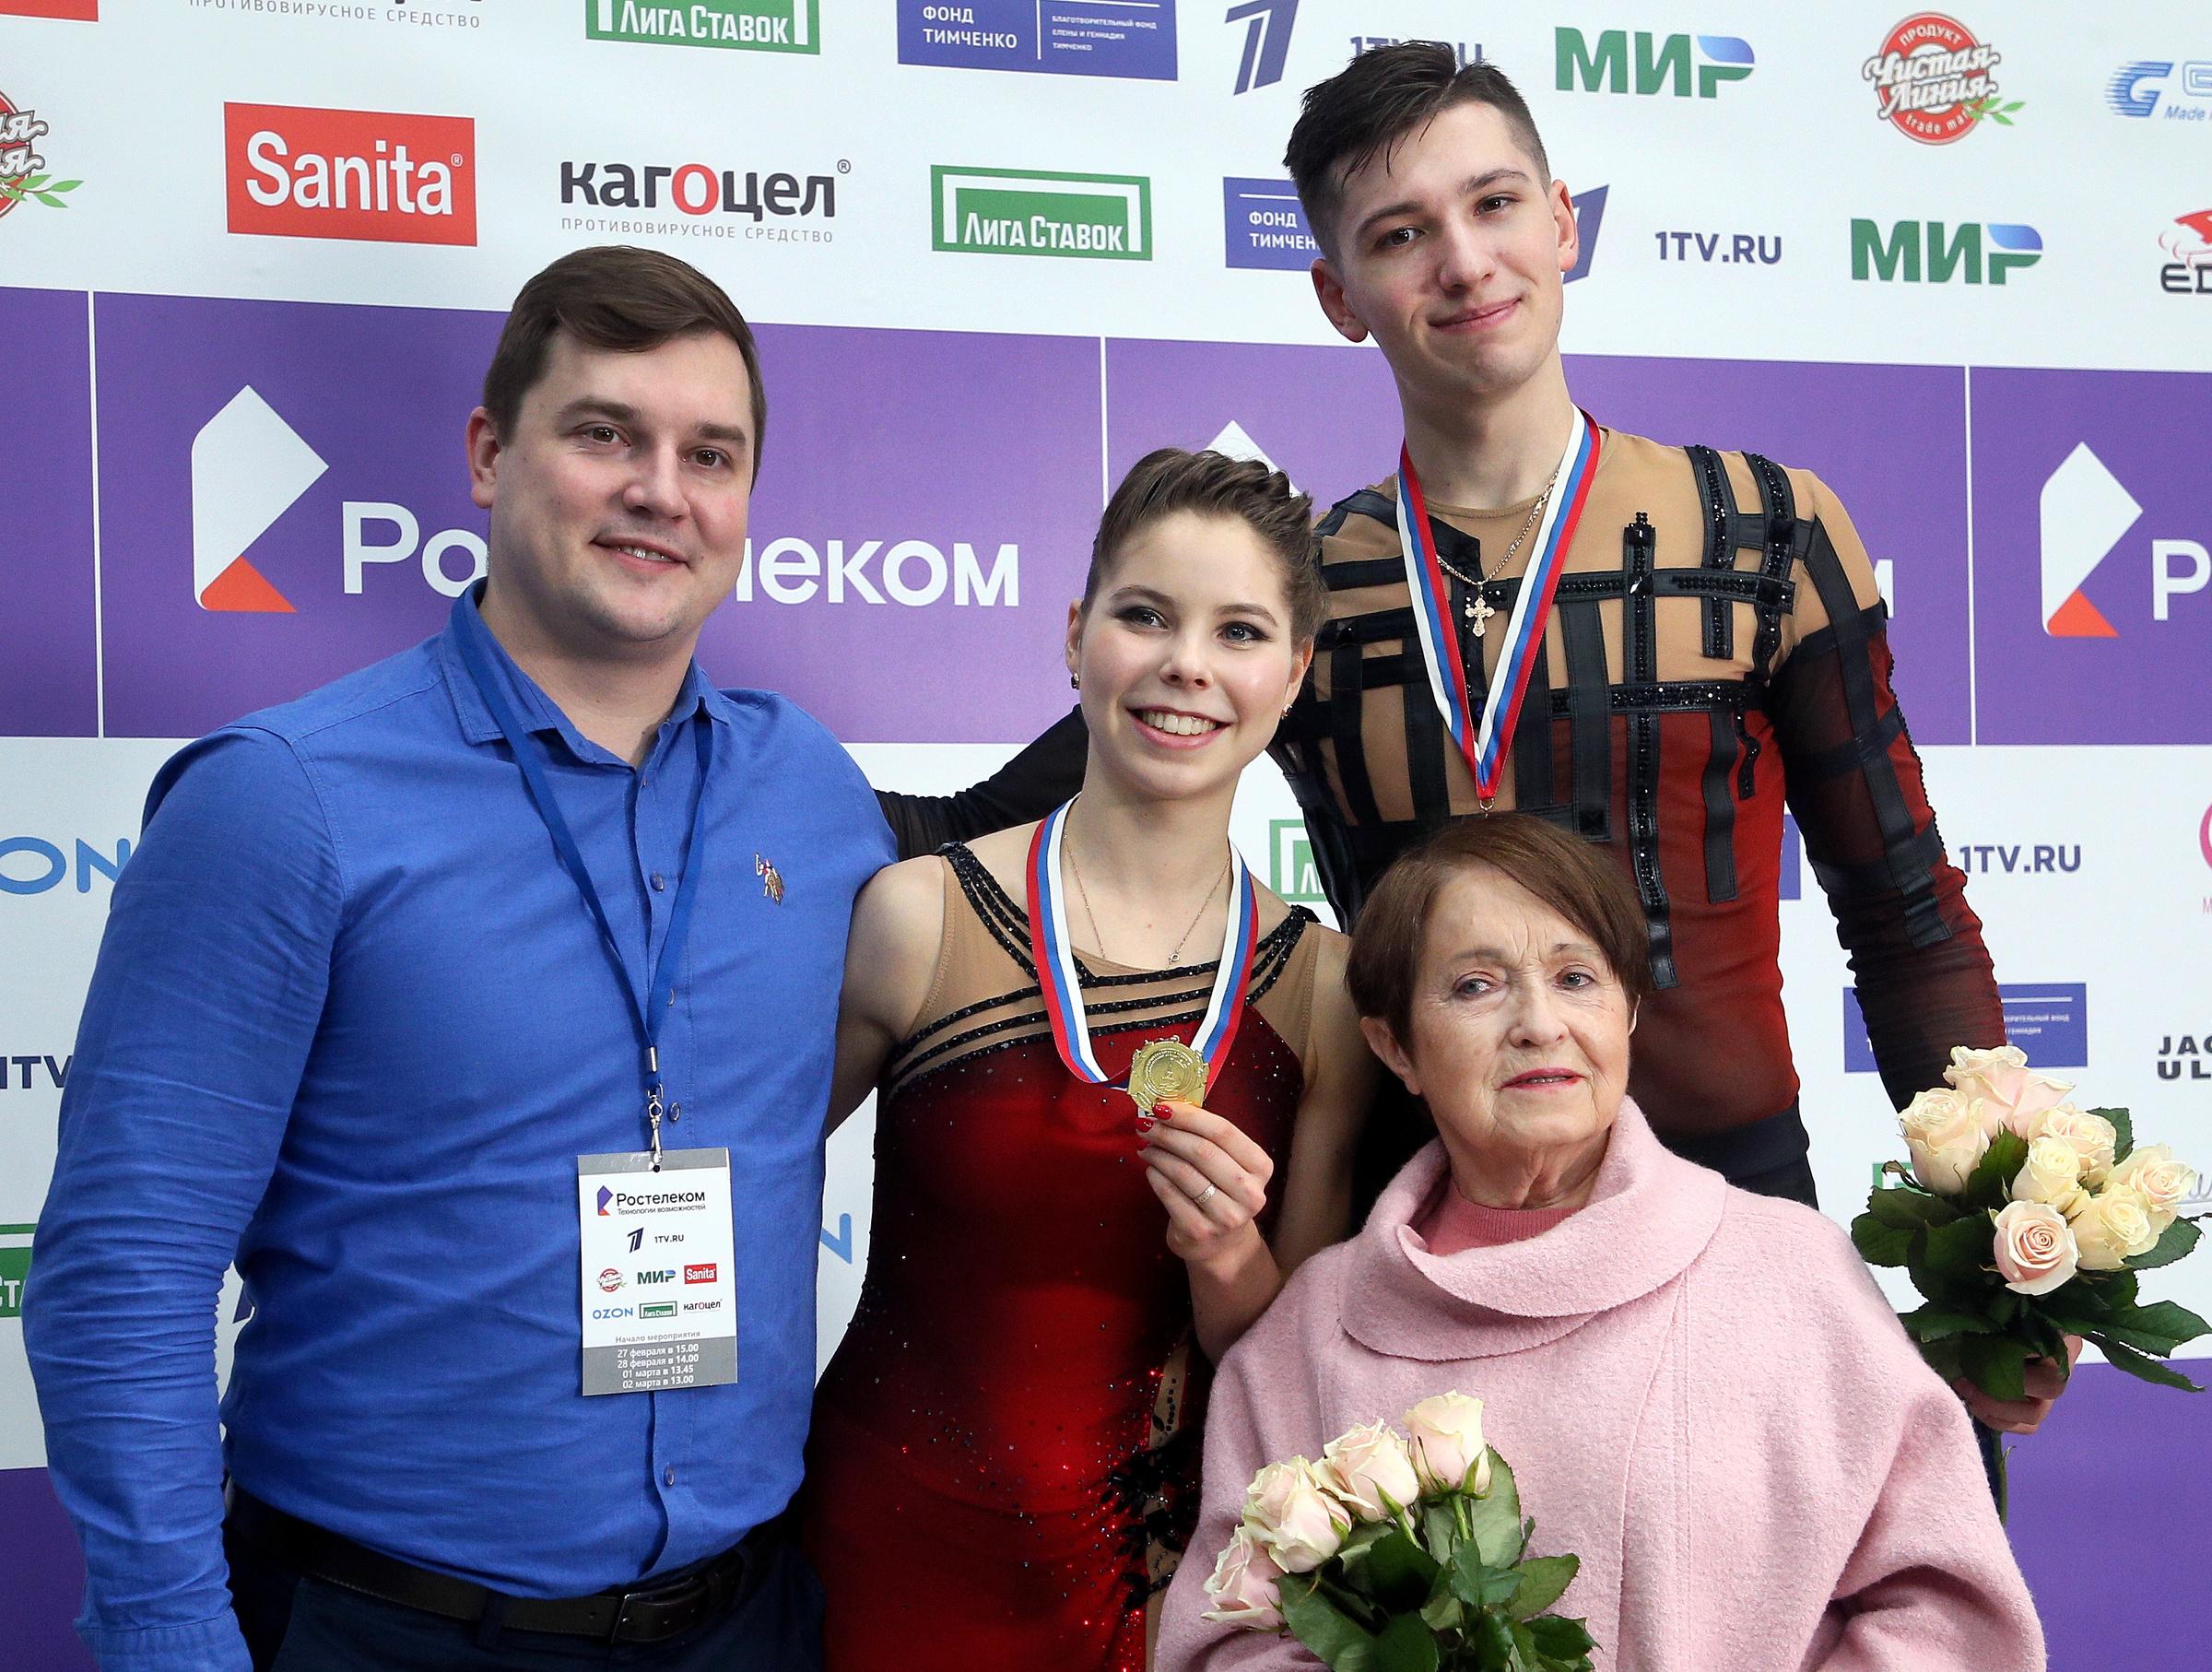 Тренеры Артур Минчук (слева) и Тамара Москвина (справа) с Анастасией Мишиной и Александром Галлямовым. Фото © Гавриил Григоров